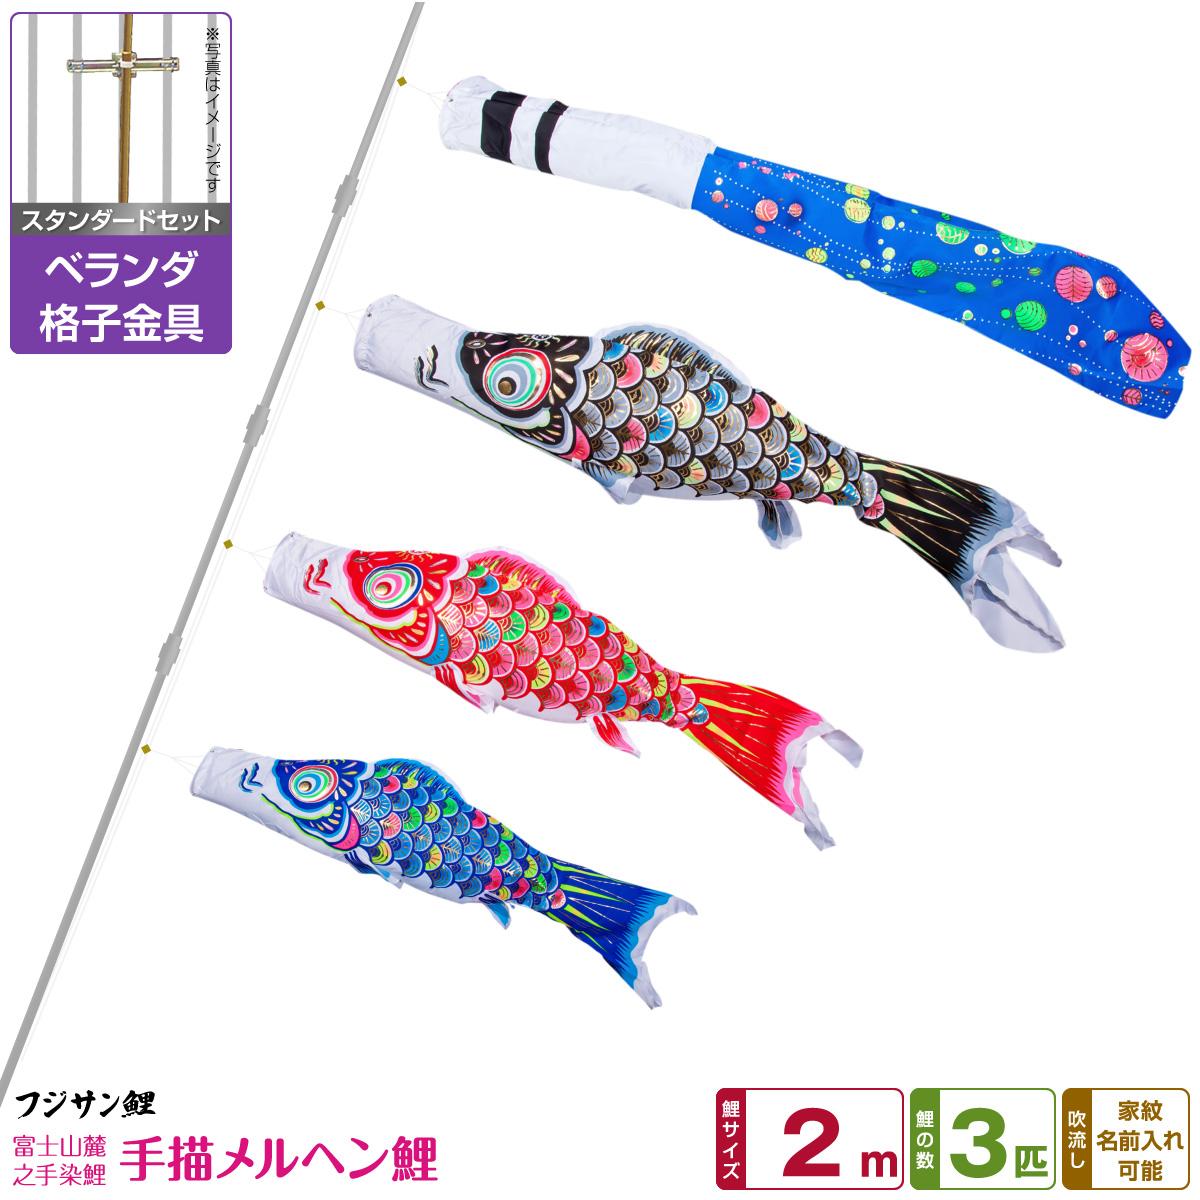 ベランダ用 こいのぼり 鯉のぼり フジサン鯉 手描メルヘン鯉 2m 6点(吹流し+鯉3匹+矢車+ロープ)/スタンダードセット(格子金具)